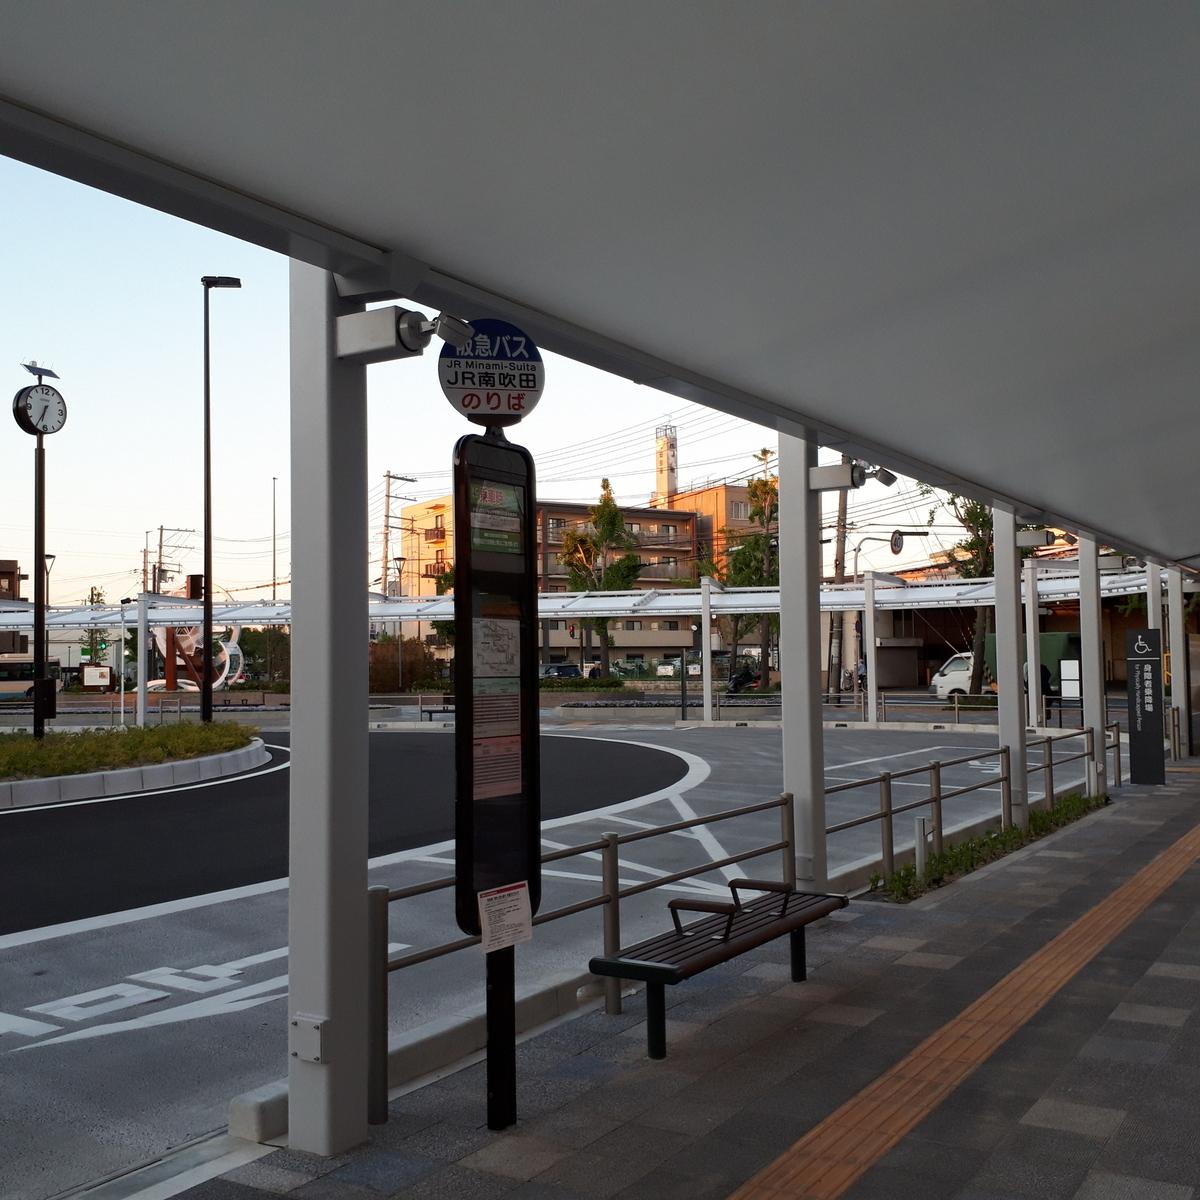 JR南吹田駅 バス停